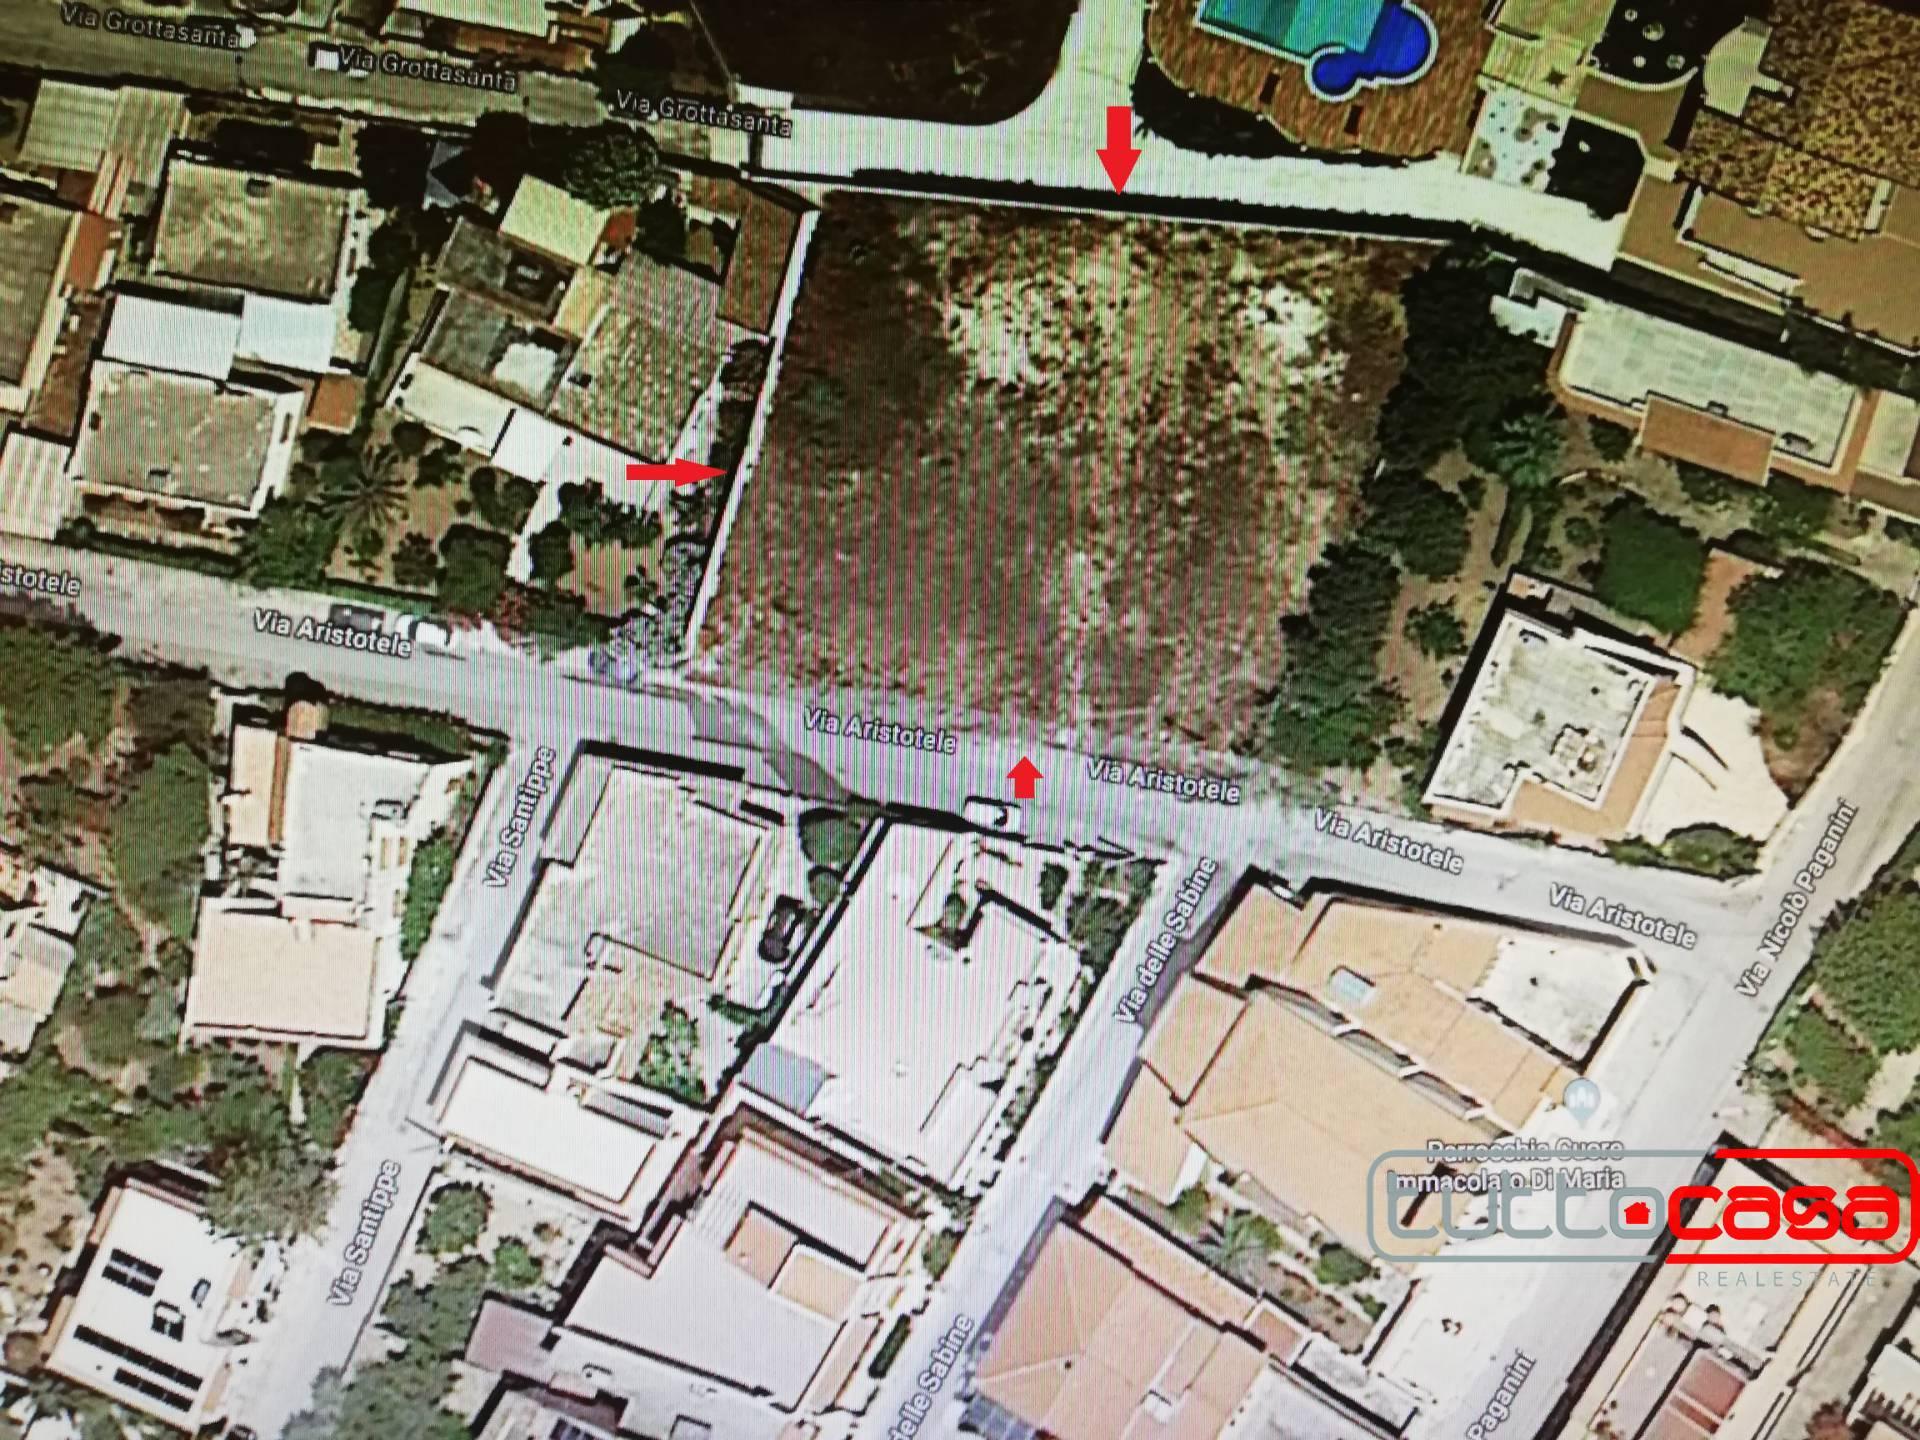 Agriturismo in vendita a Scicli, 9999 locali, Trattative riservate | CambioCasa.it